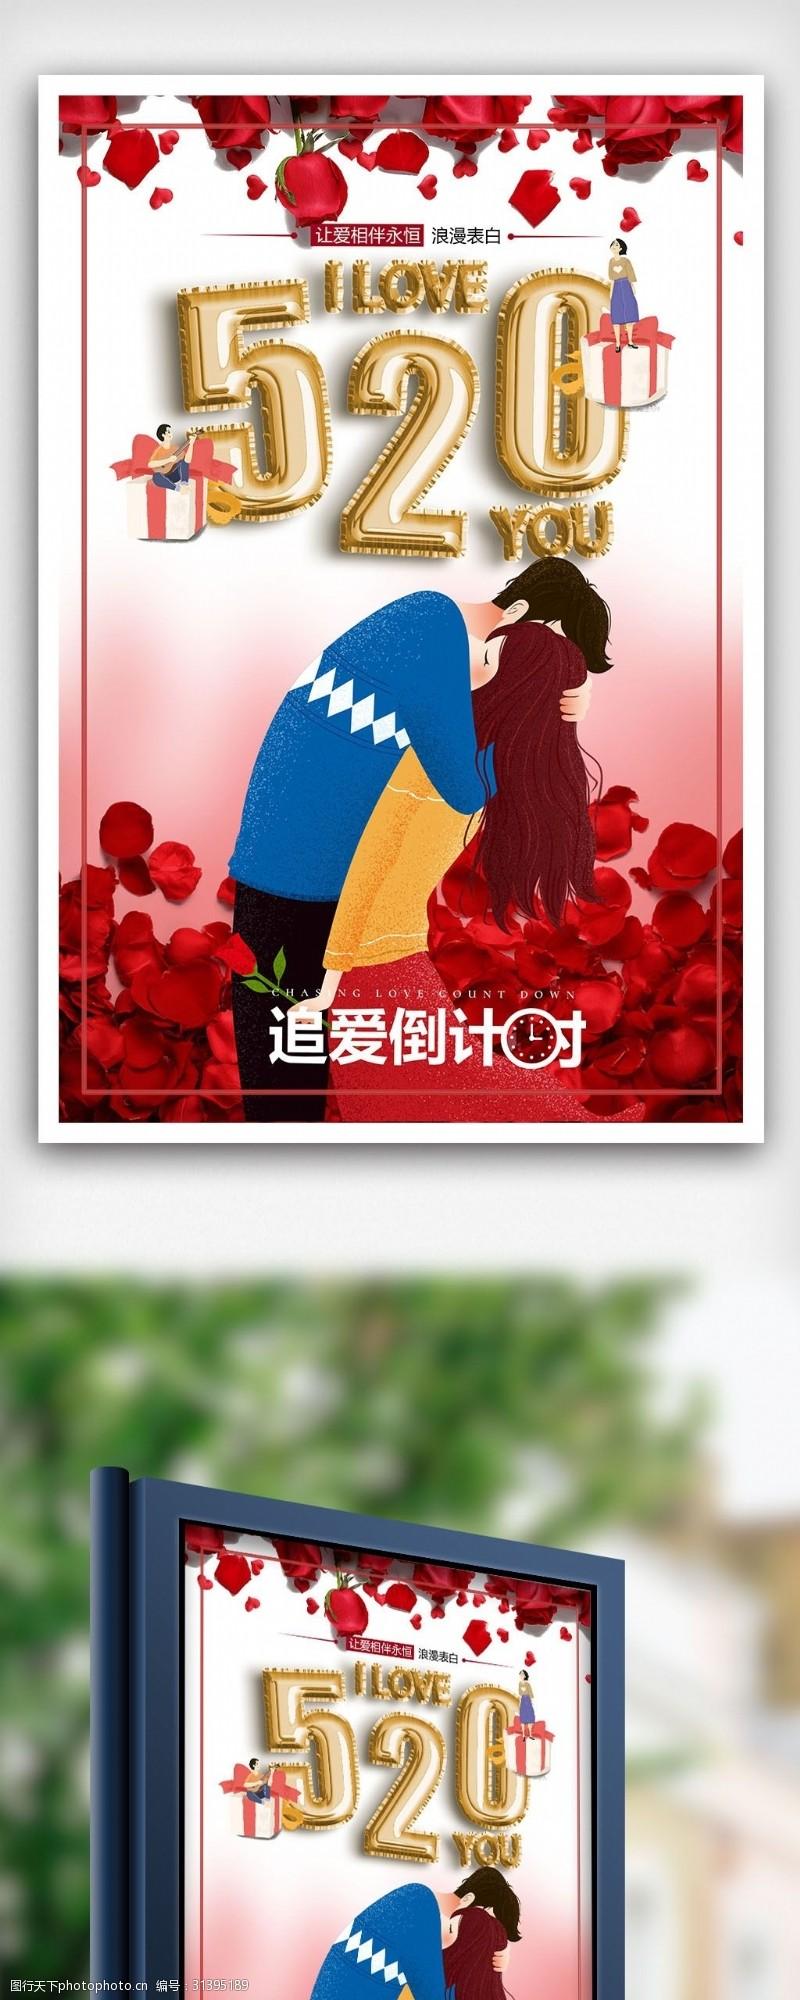 情侣模板浪漫玫瑰情侣520海报模板